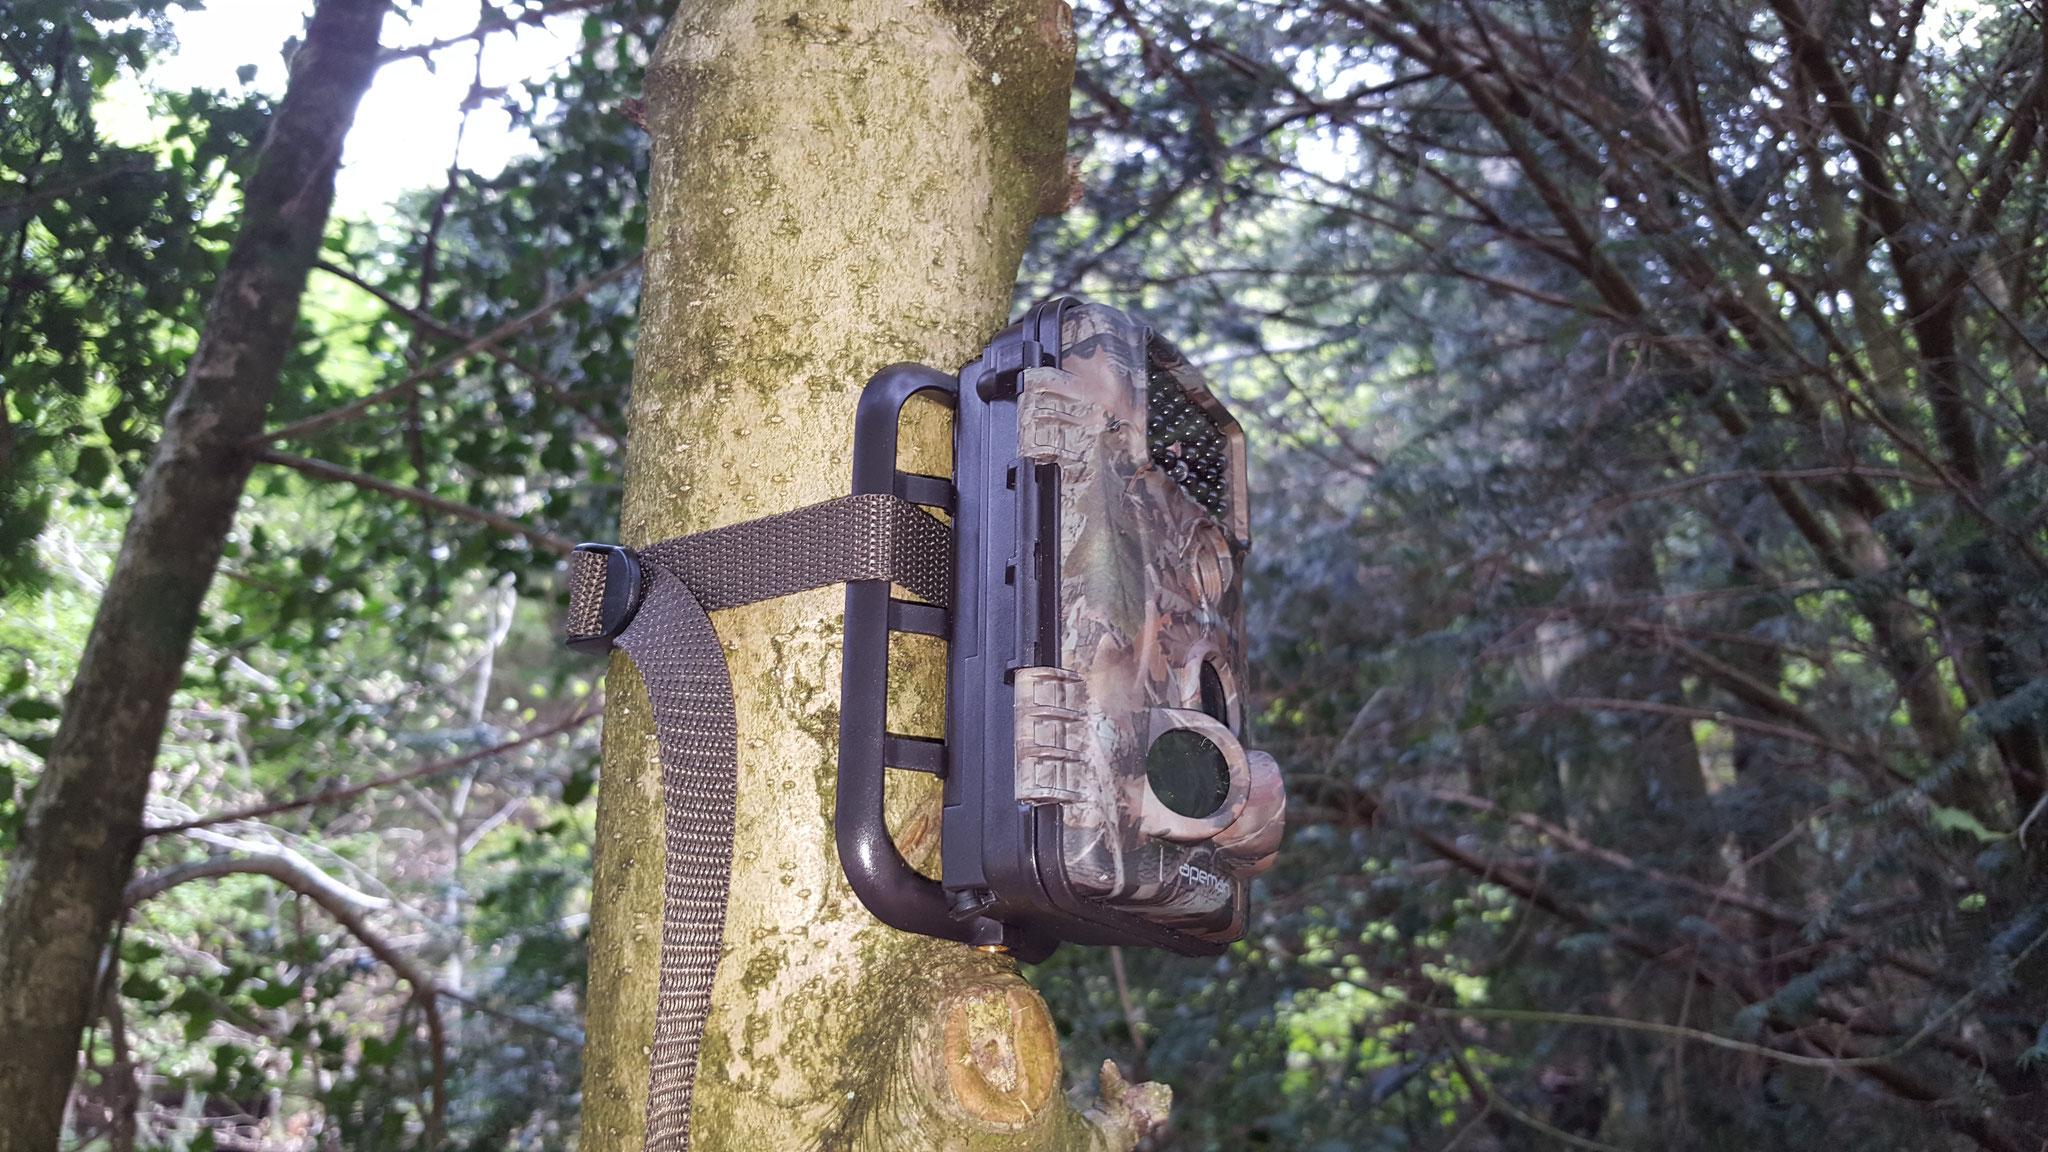 Cam am Baum befestigt